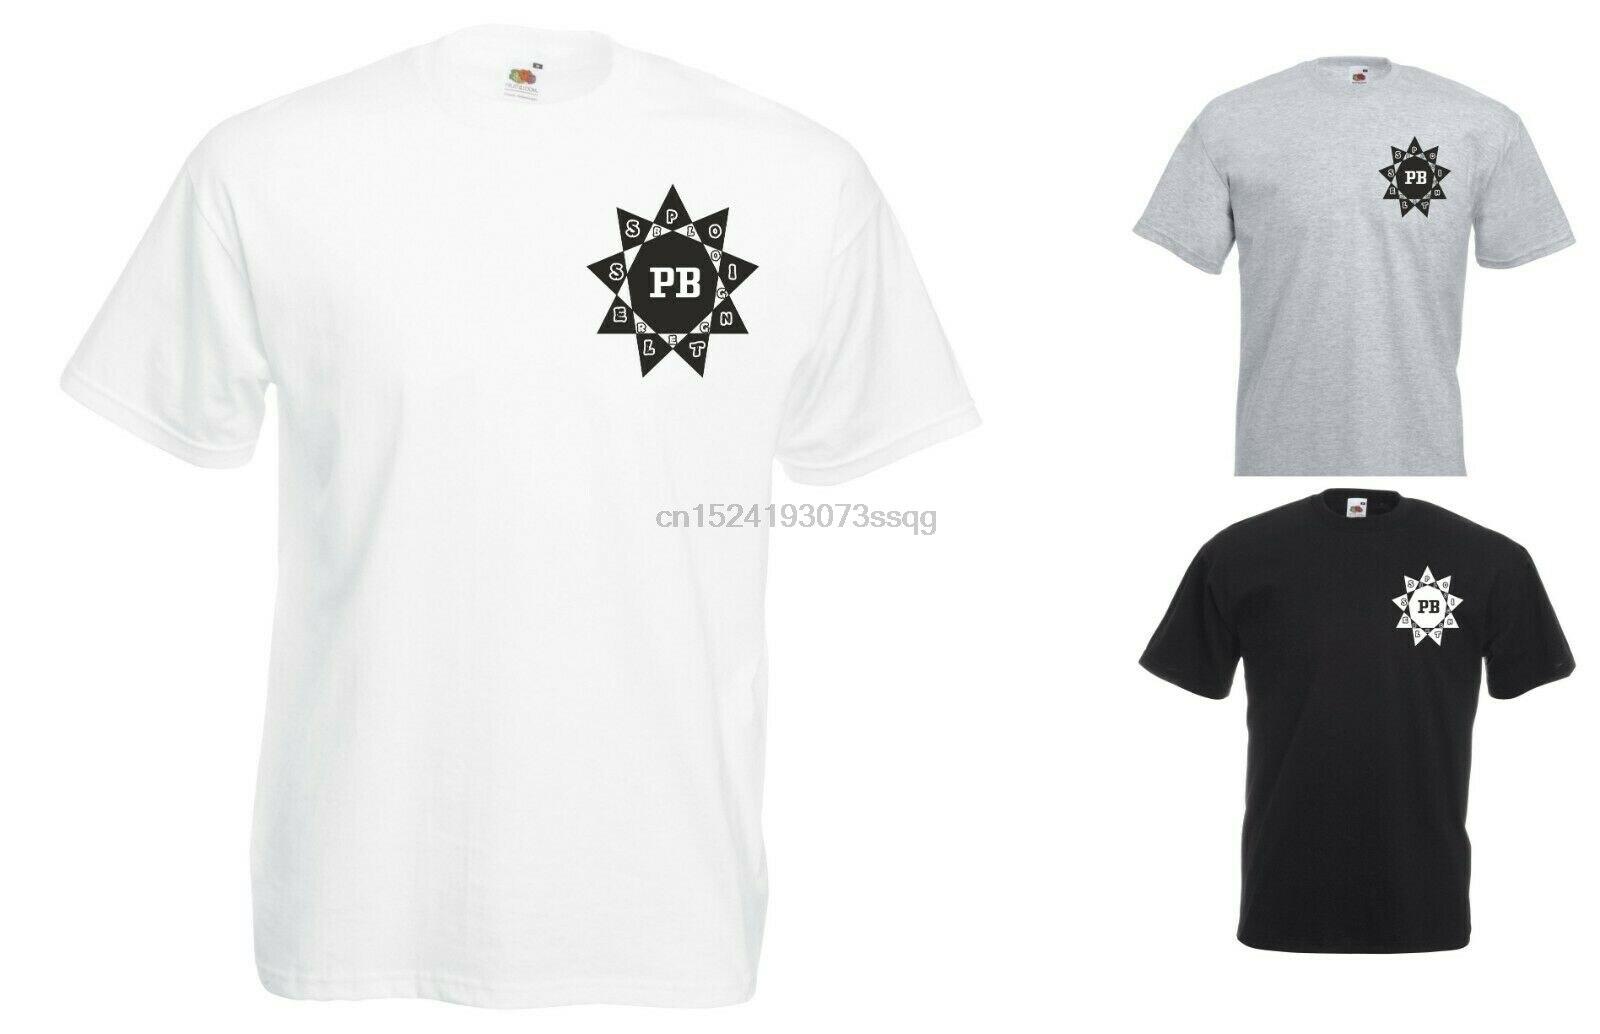 Camiseta estampada de pecho Alfie Deyes, diseño de estrella, bloguero sin sentido